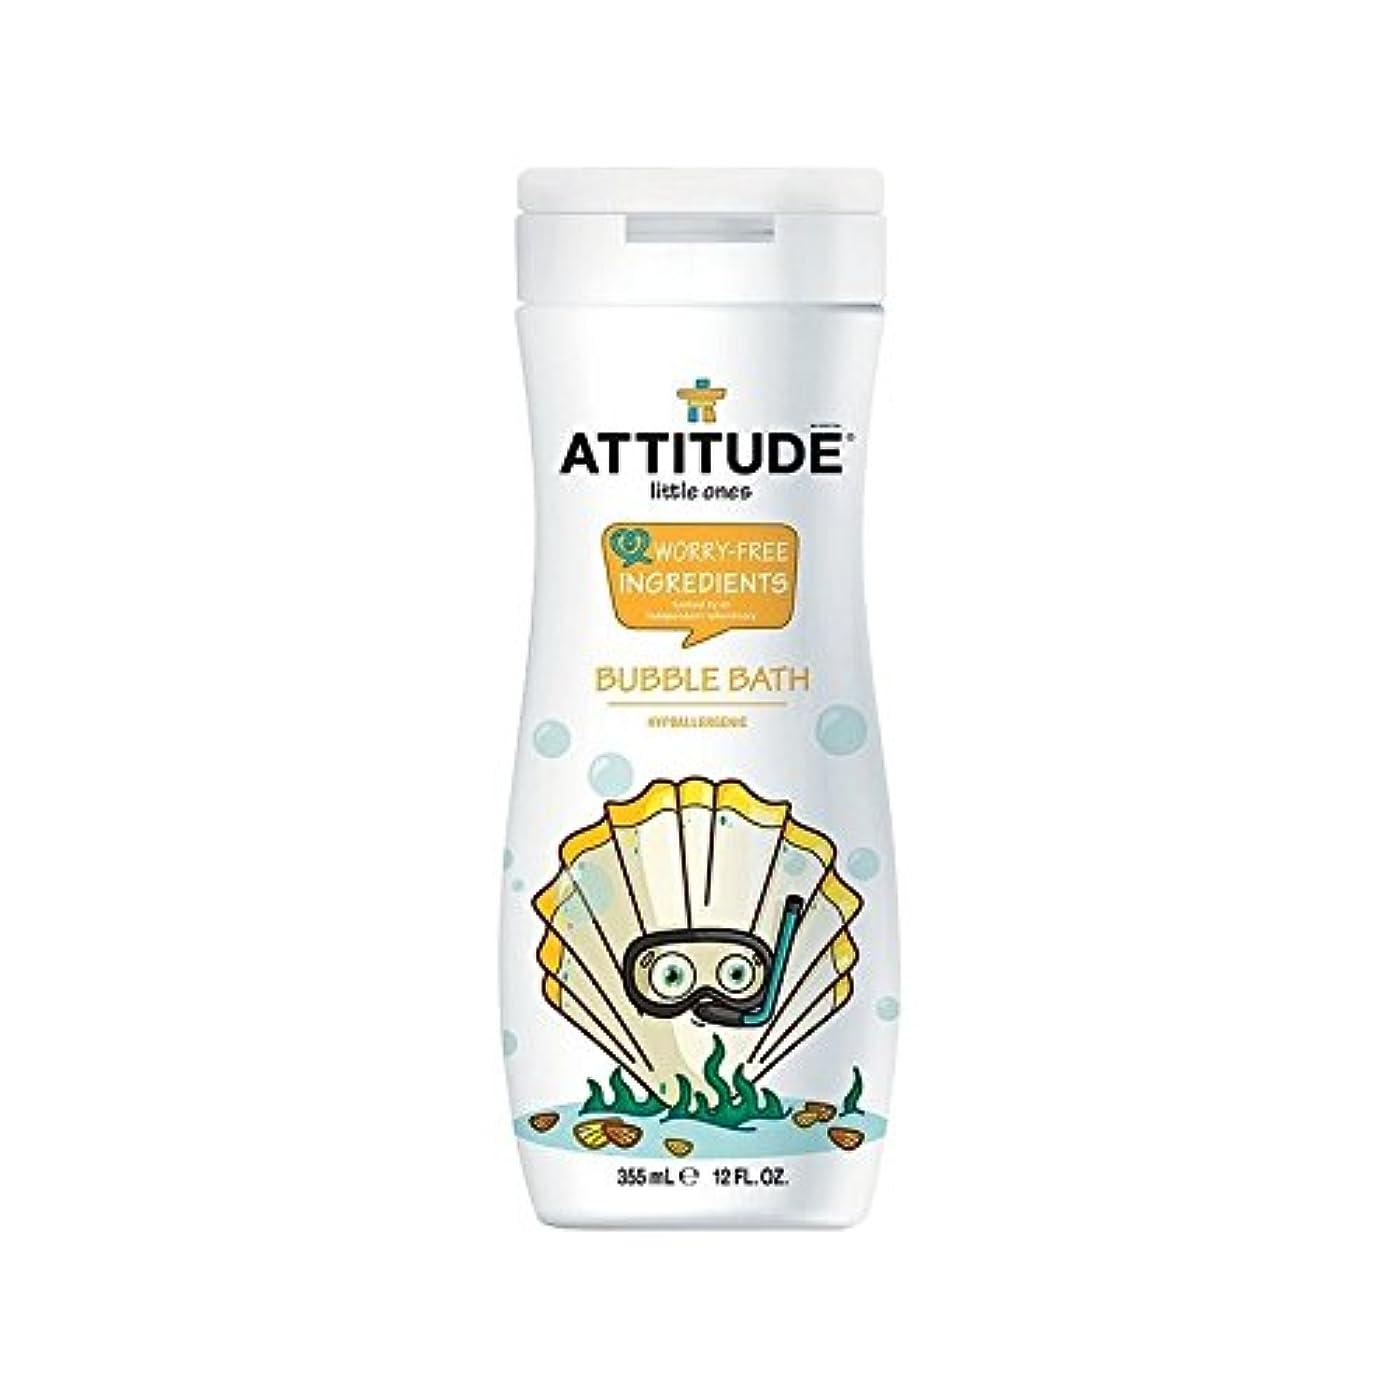 適合する通り改革エコキッズ低刺激性の泡風呂の355ミリリットル (Attitude) (x 4) - Attitude Eco Kids Hypoallergenic Bubble Bath 355ml (Pack of 4) [並行輸入品]